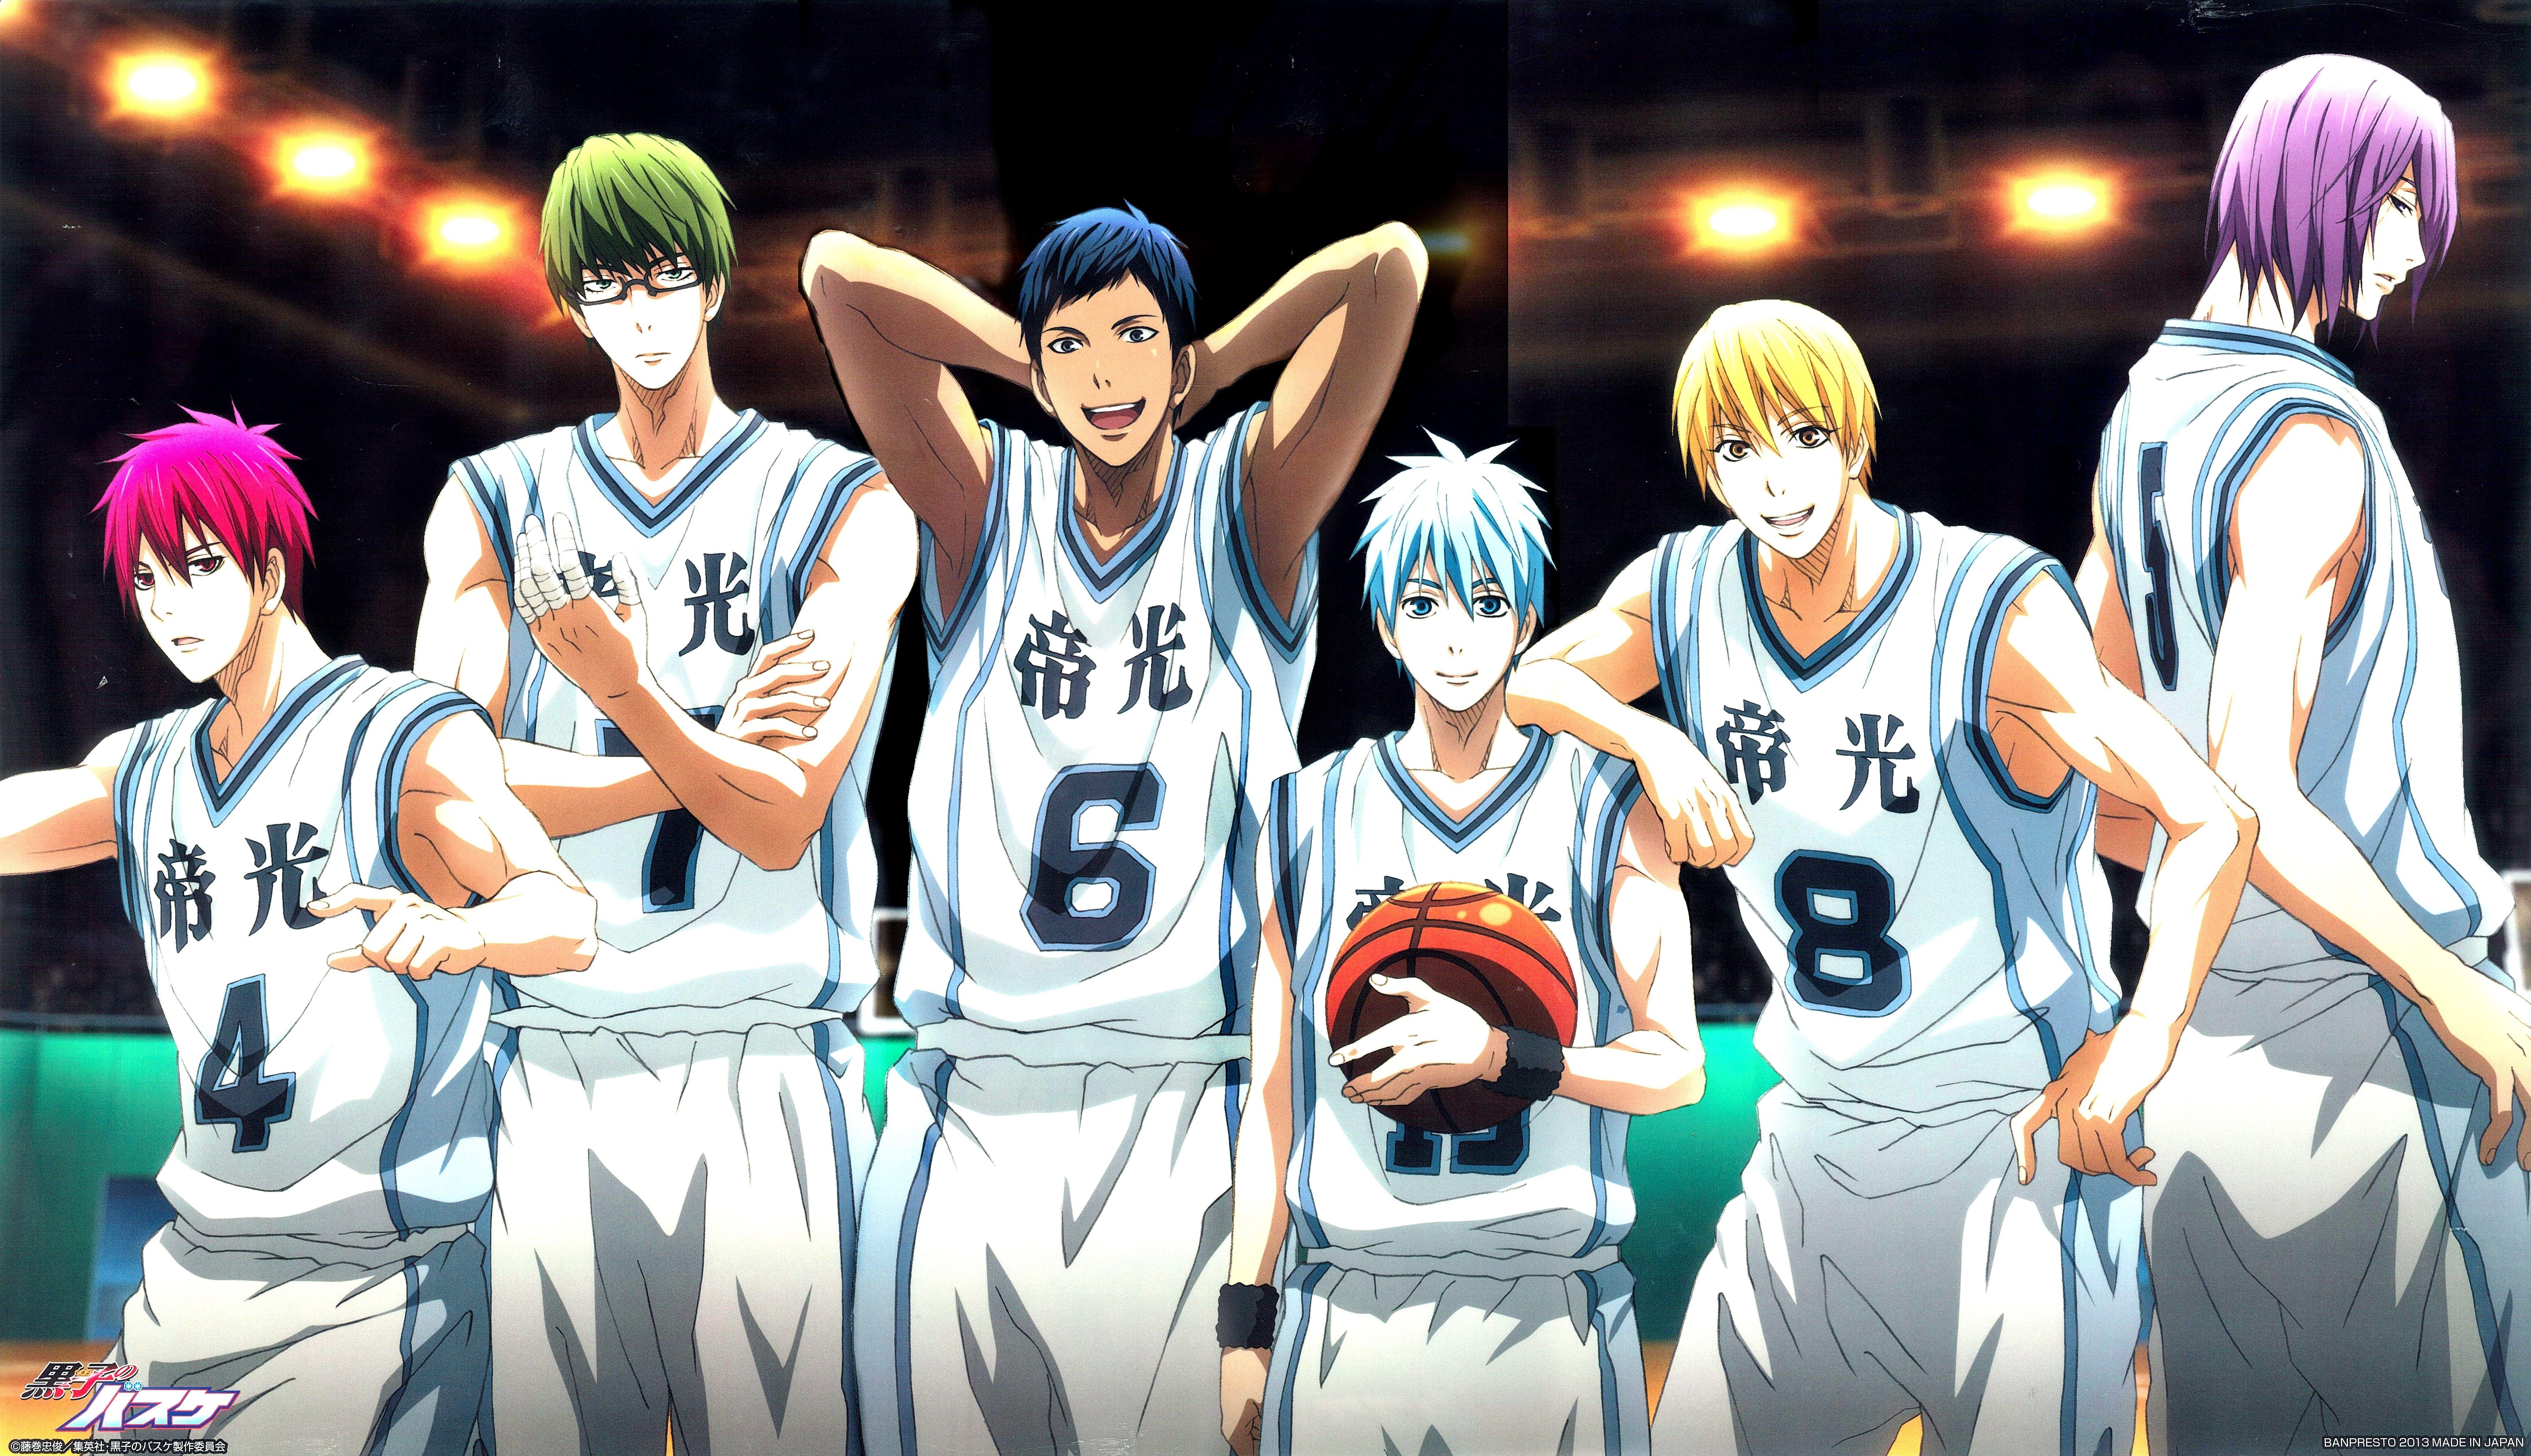 Kuroko S Basketball Wallpaper Kuroko No Basket Team Akashi Seijuurou Aomine Daiki Kise Ryouta Kuroko Tetsuya Midorima Shintarou Murasakibara Atsushi 8k Anime